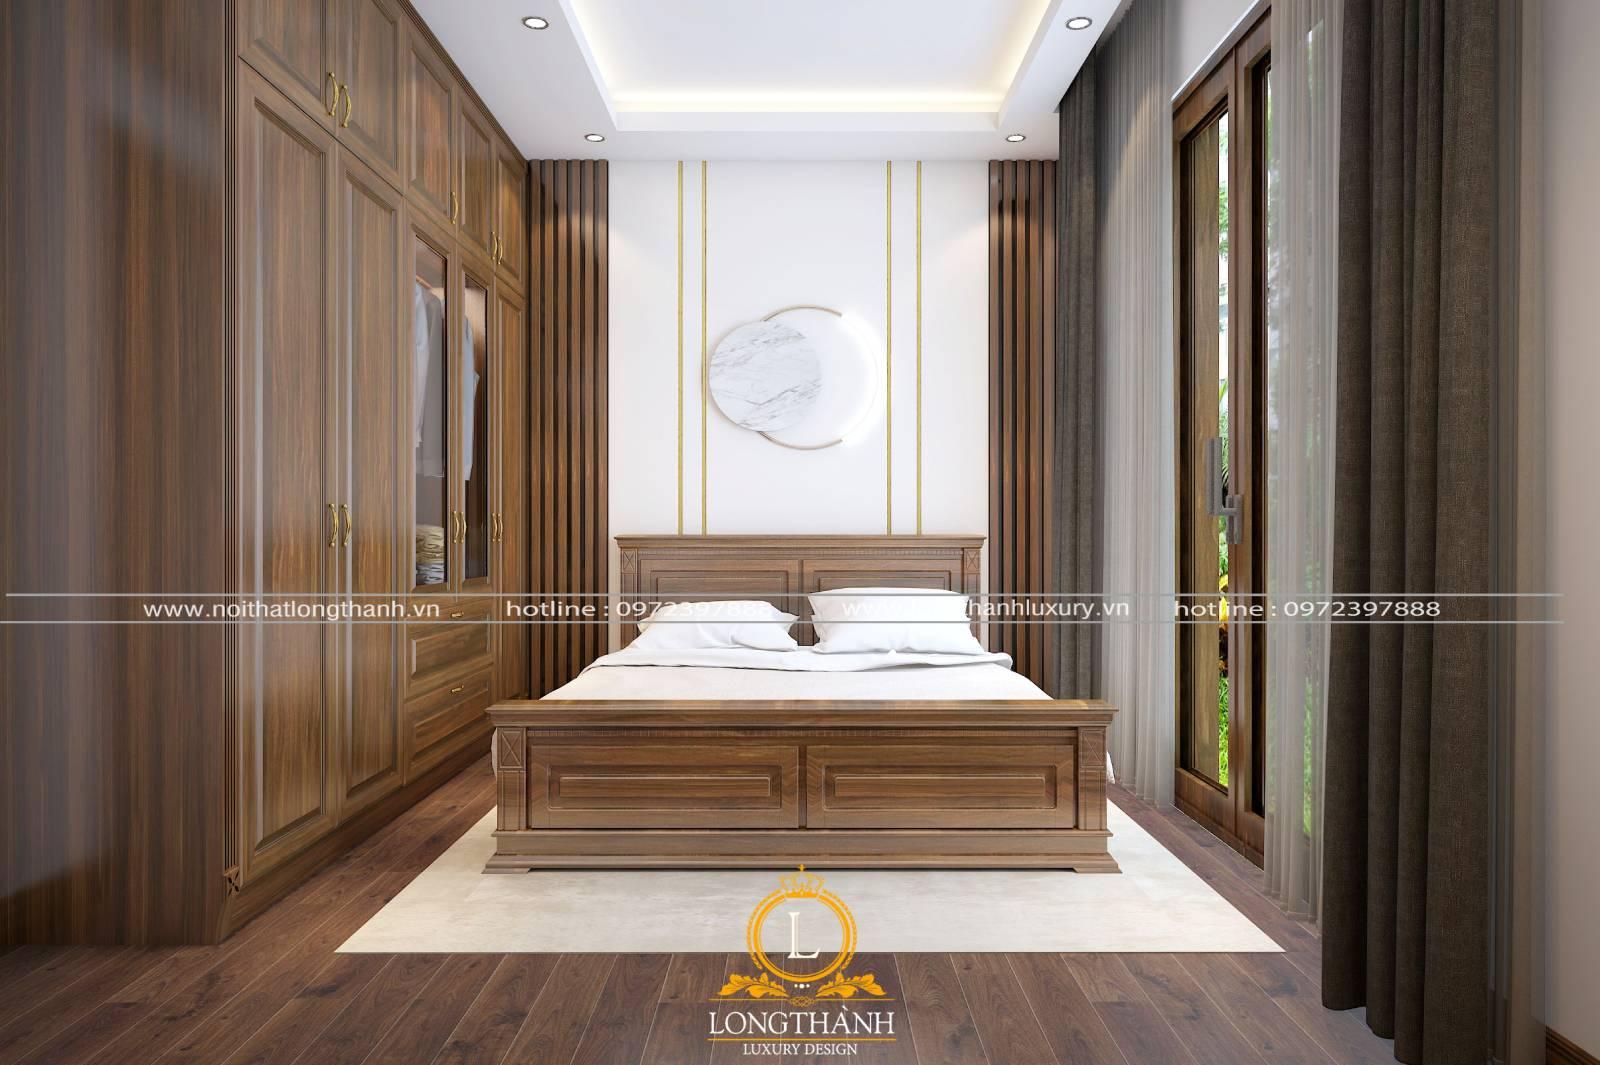 Bộ giường tủ tân cổ điển gỗ tự nhiên sang trọng đẳng cấp